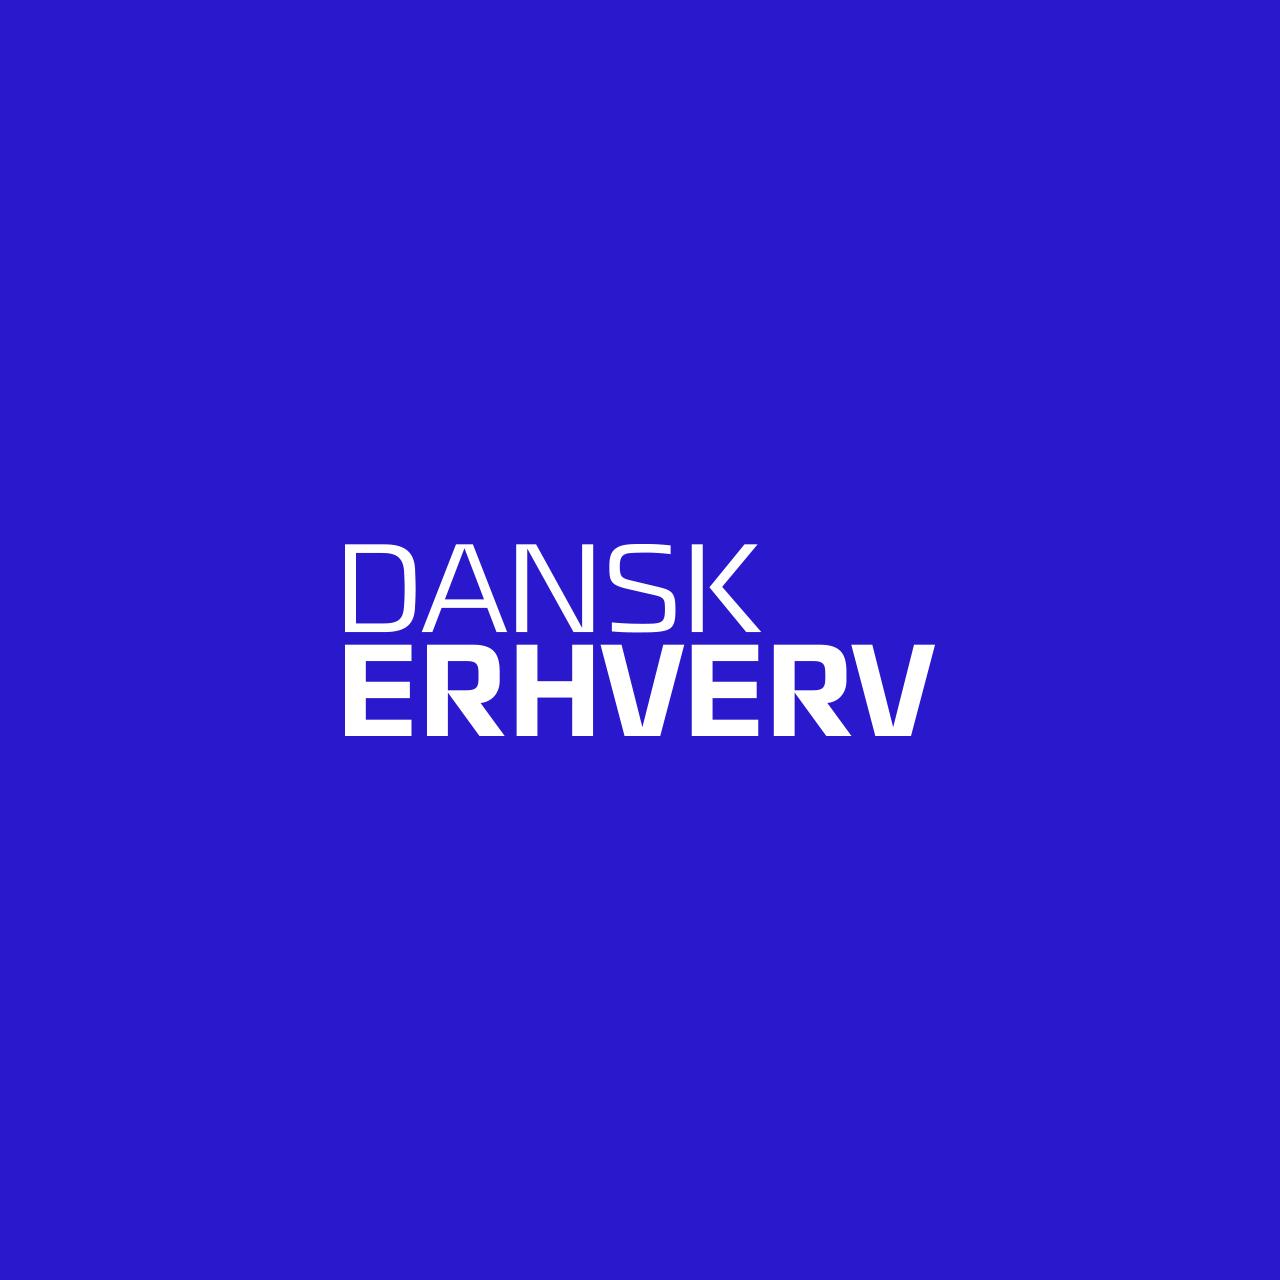 DANSKERHVERV_20202